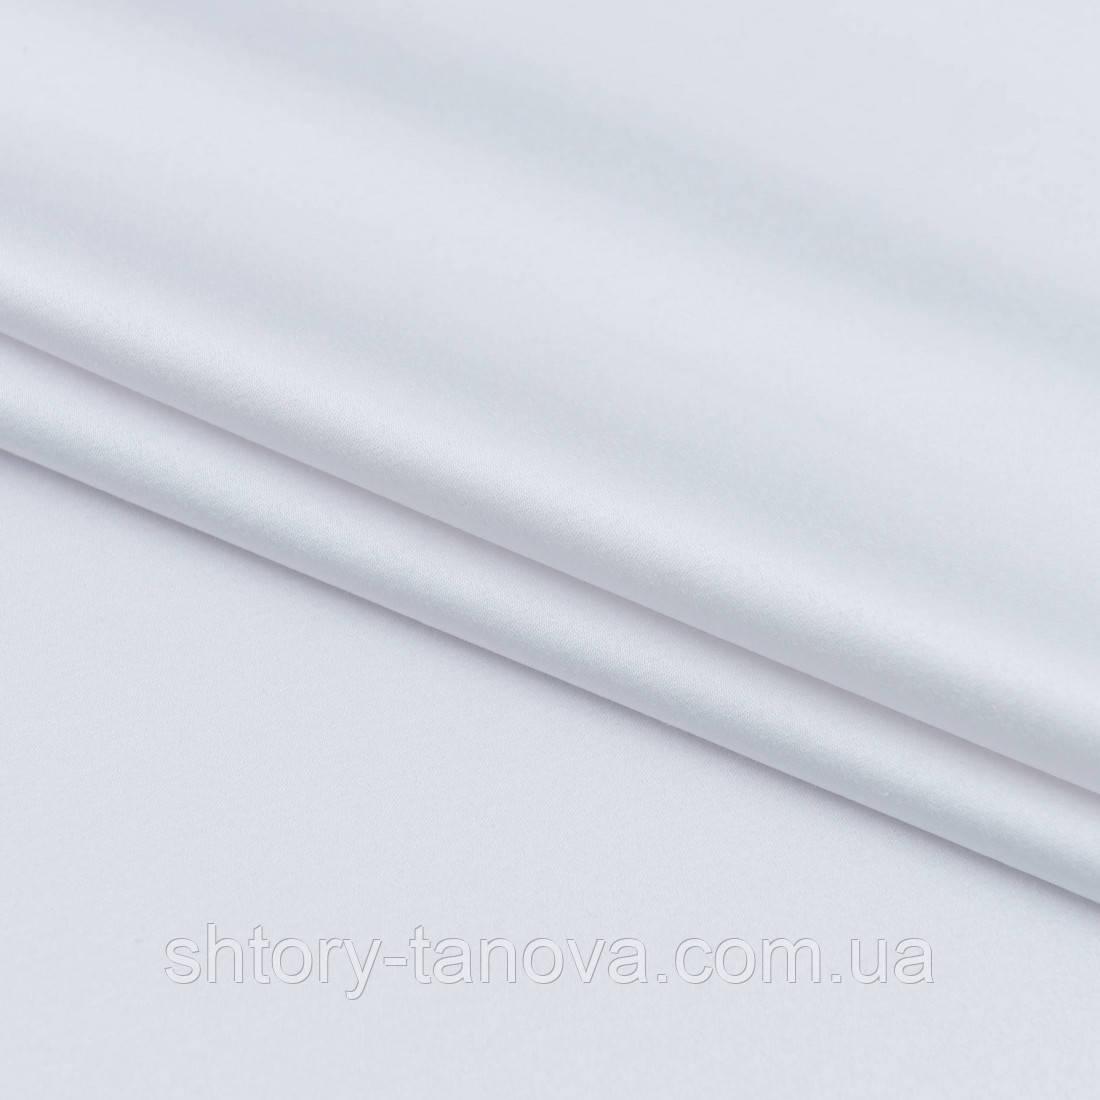 Декоративний сатин прада білий